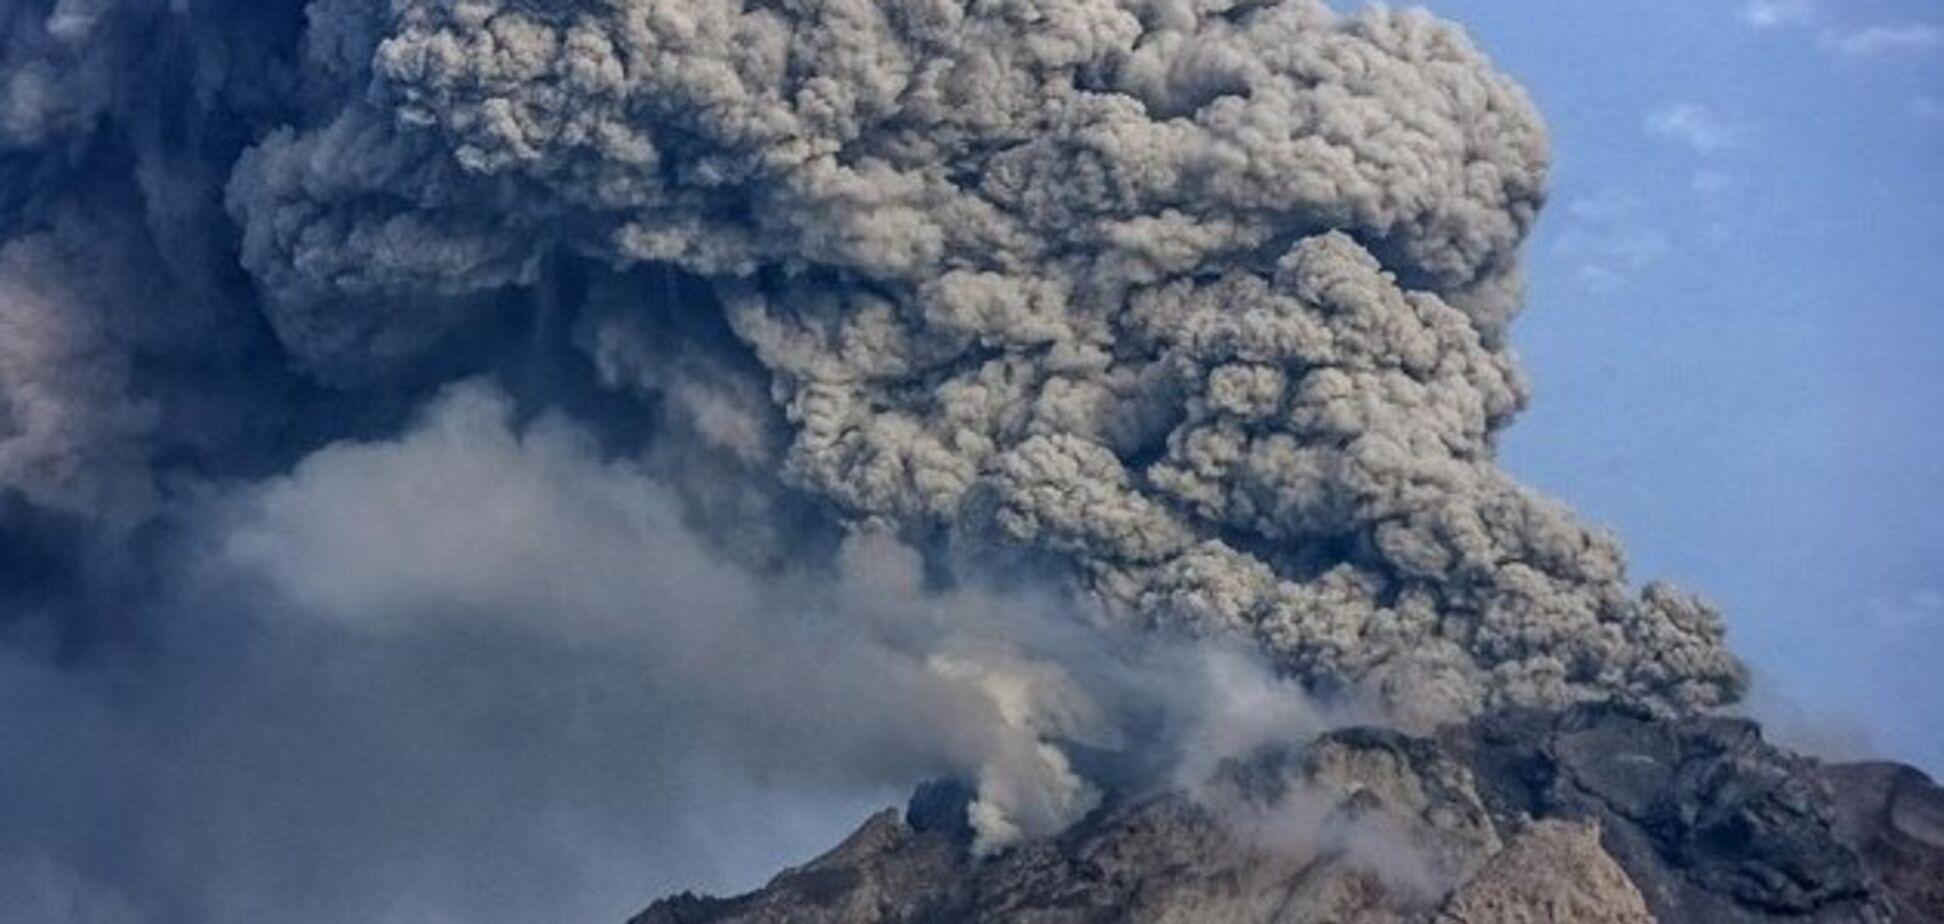 Вулкан: строение и виды